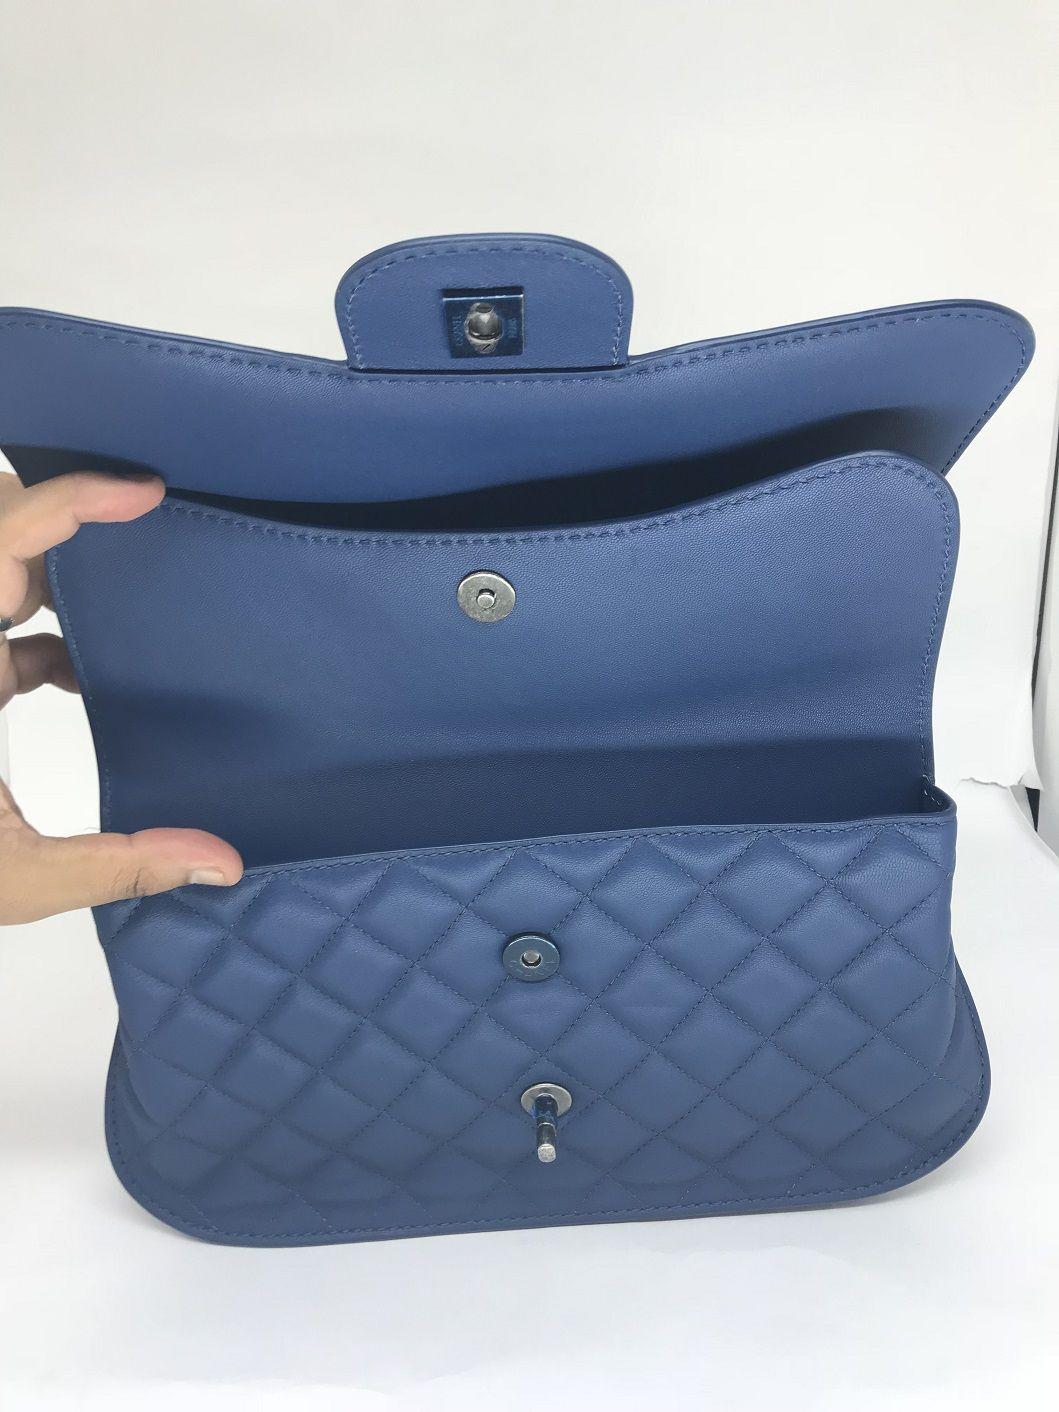 5c35c98ce Bolsa Chanel Double Flap Azul - Paula Frank | Bolsas de luxo ...